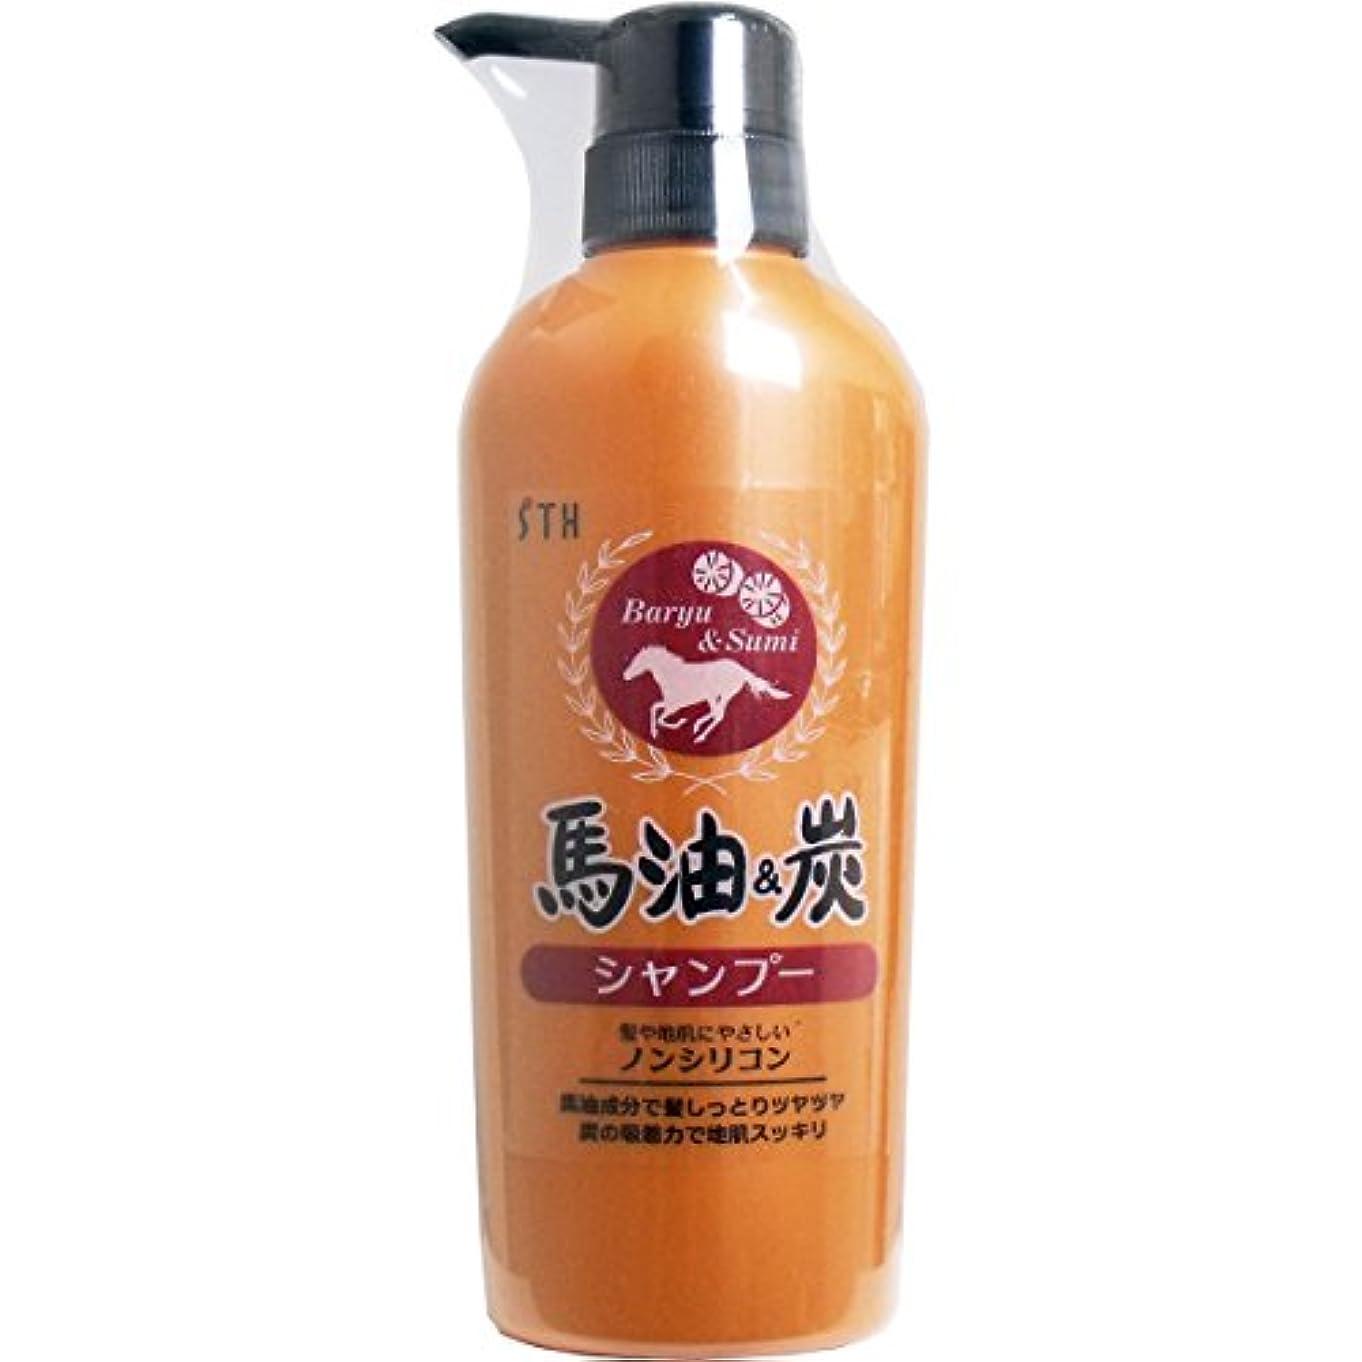 インディカおじさんあいまいなお風呂 美髪 心満たすリラックスアロマの香り 人気の 馬油&炭 ノンシリコン シャンプー 400mL【2個セット】